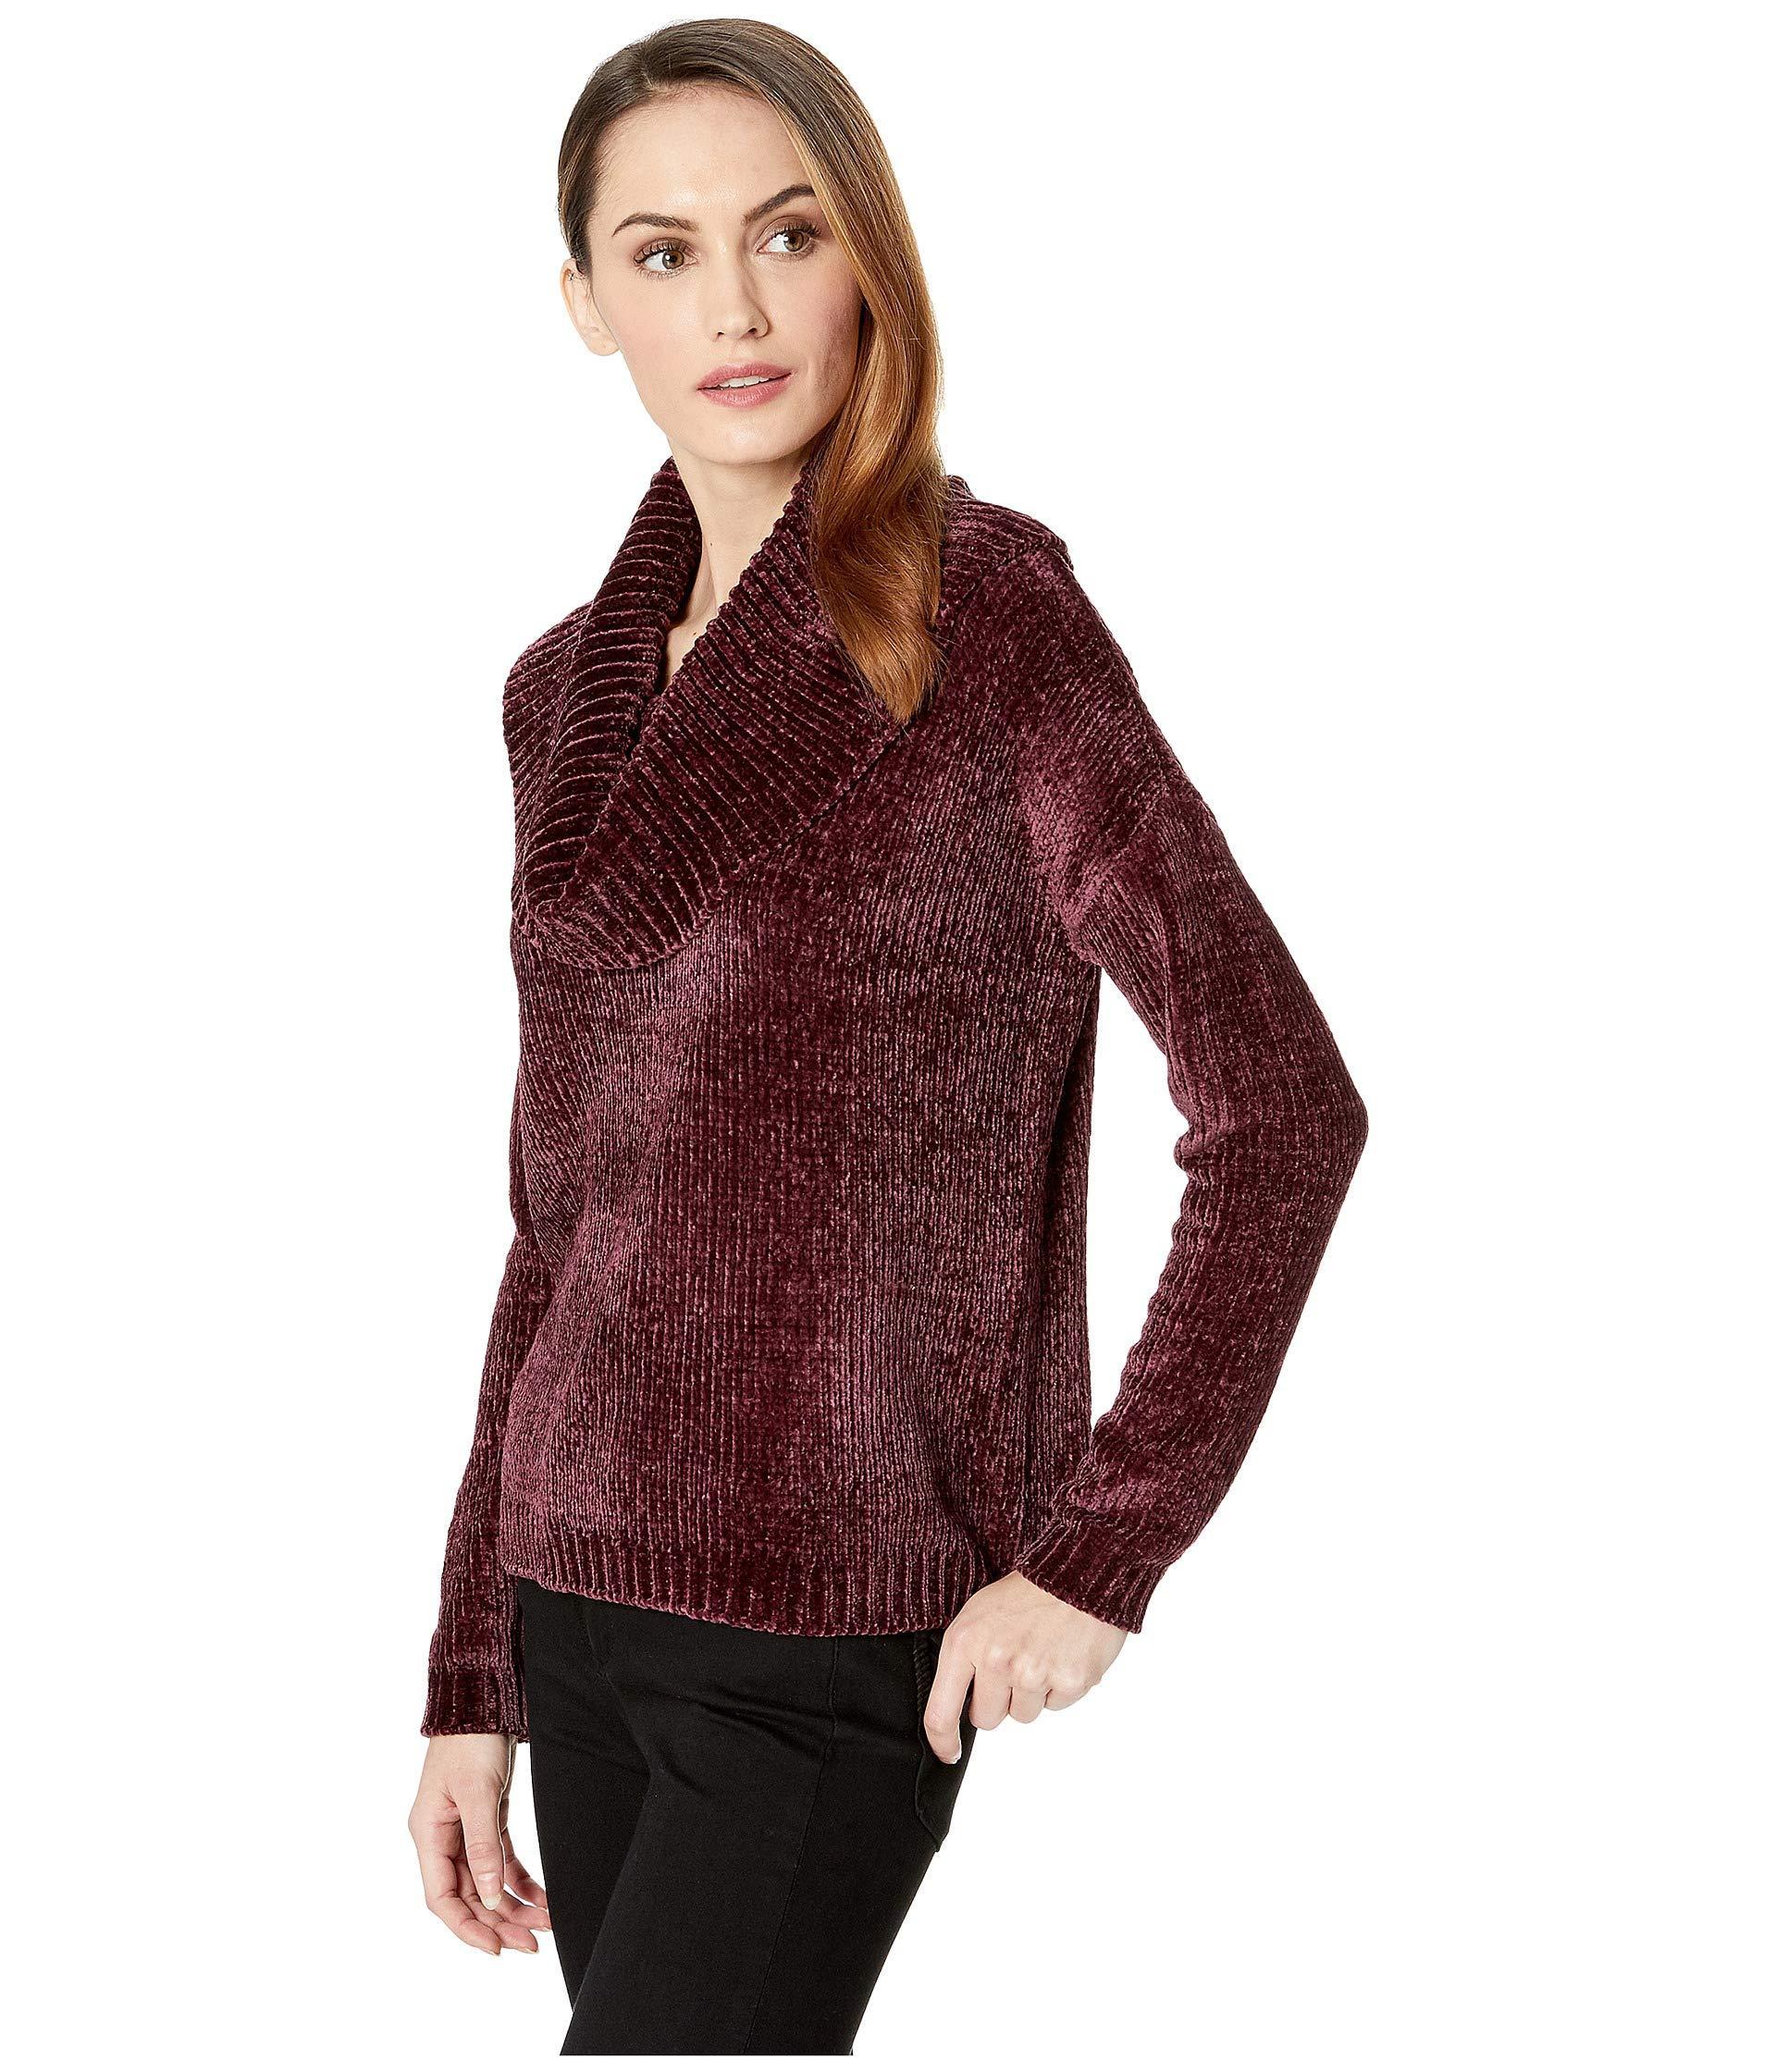 fd930b7e5252 Lyst - MICHAEL Michael Kors Long Sleeve Velvet Cowl Sweater in Red - Save  27%